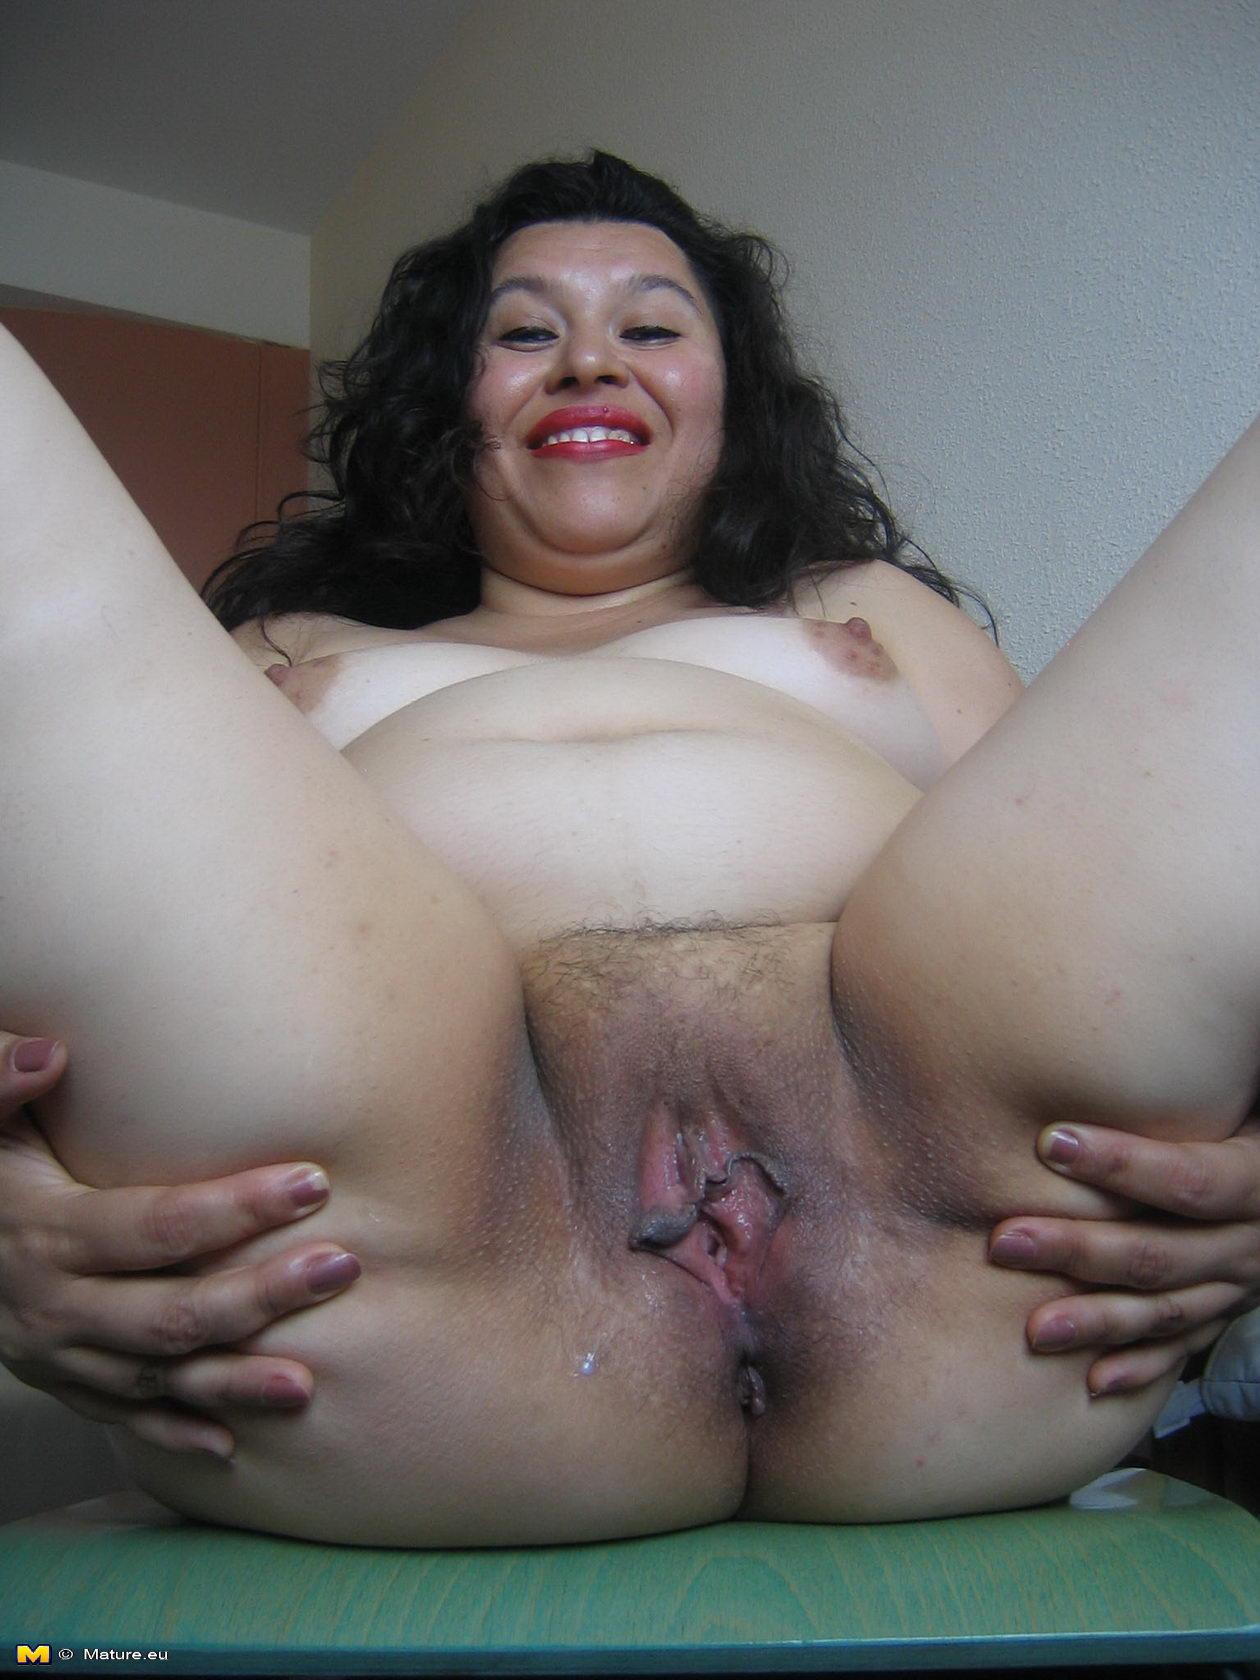 Virgin anal masturbation porn